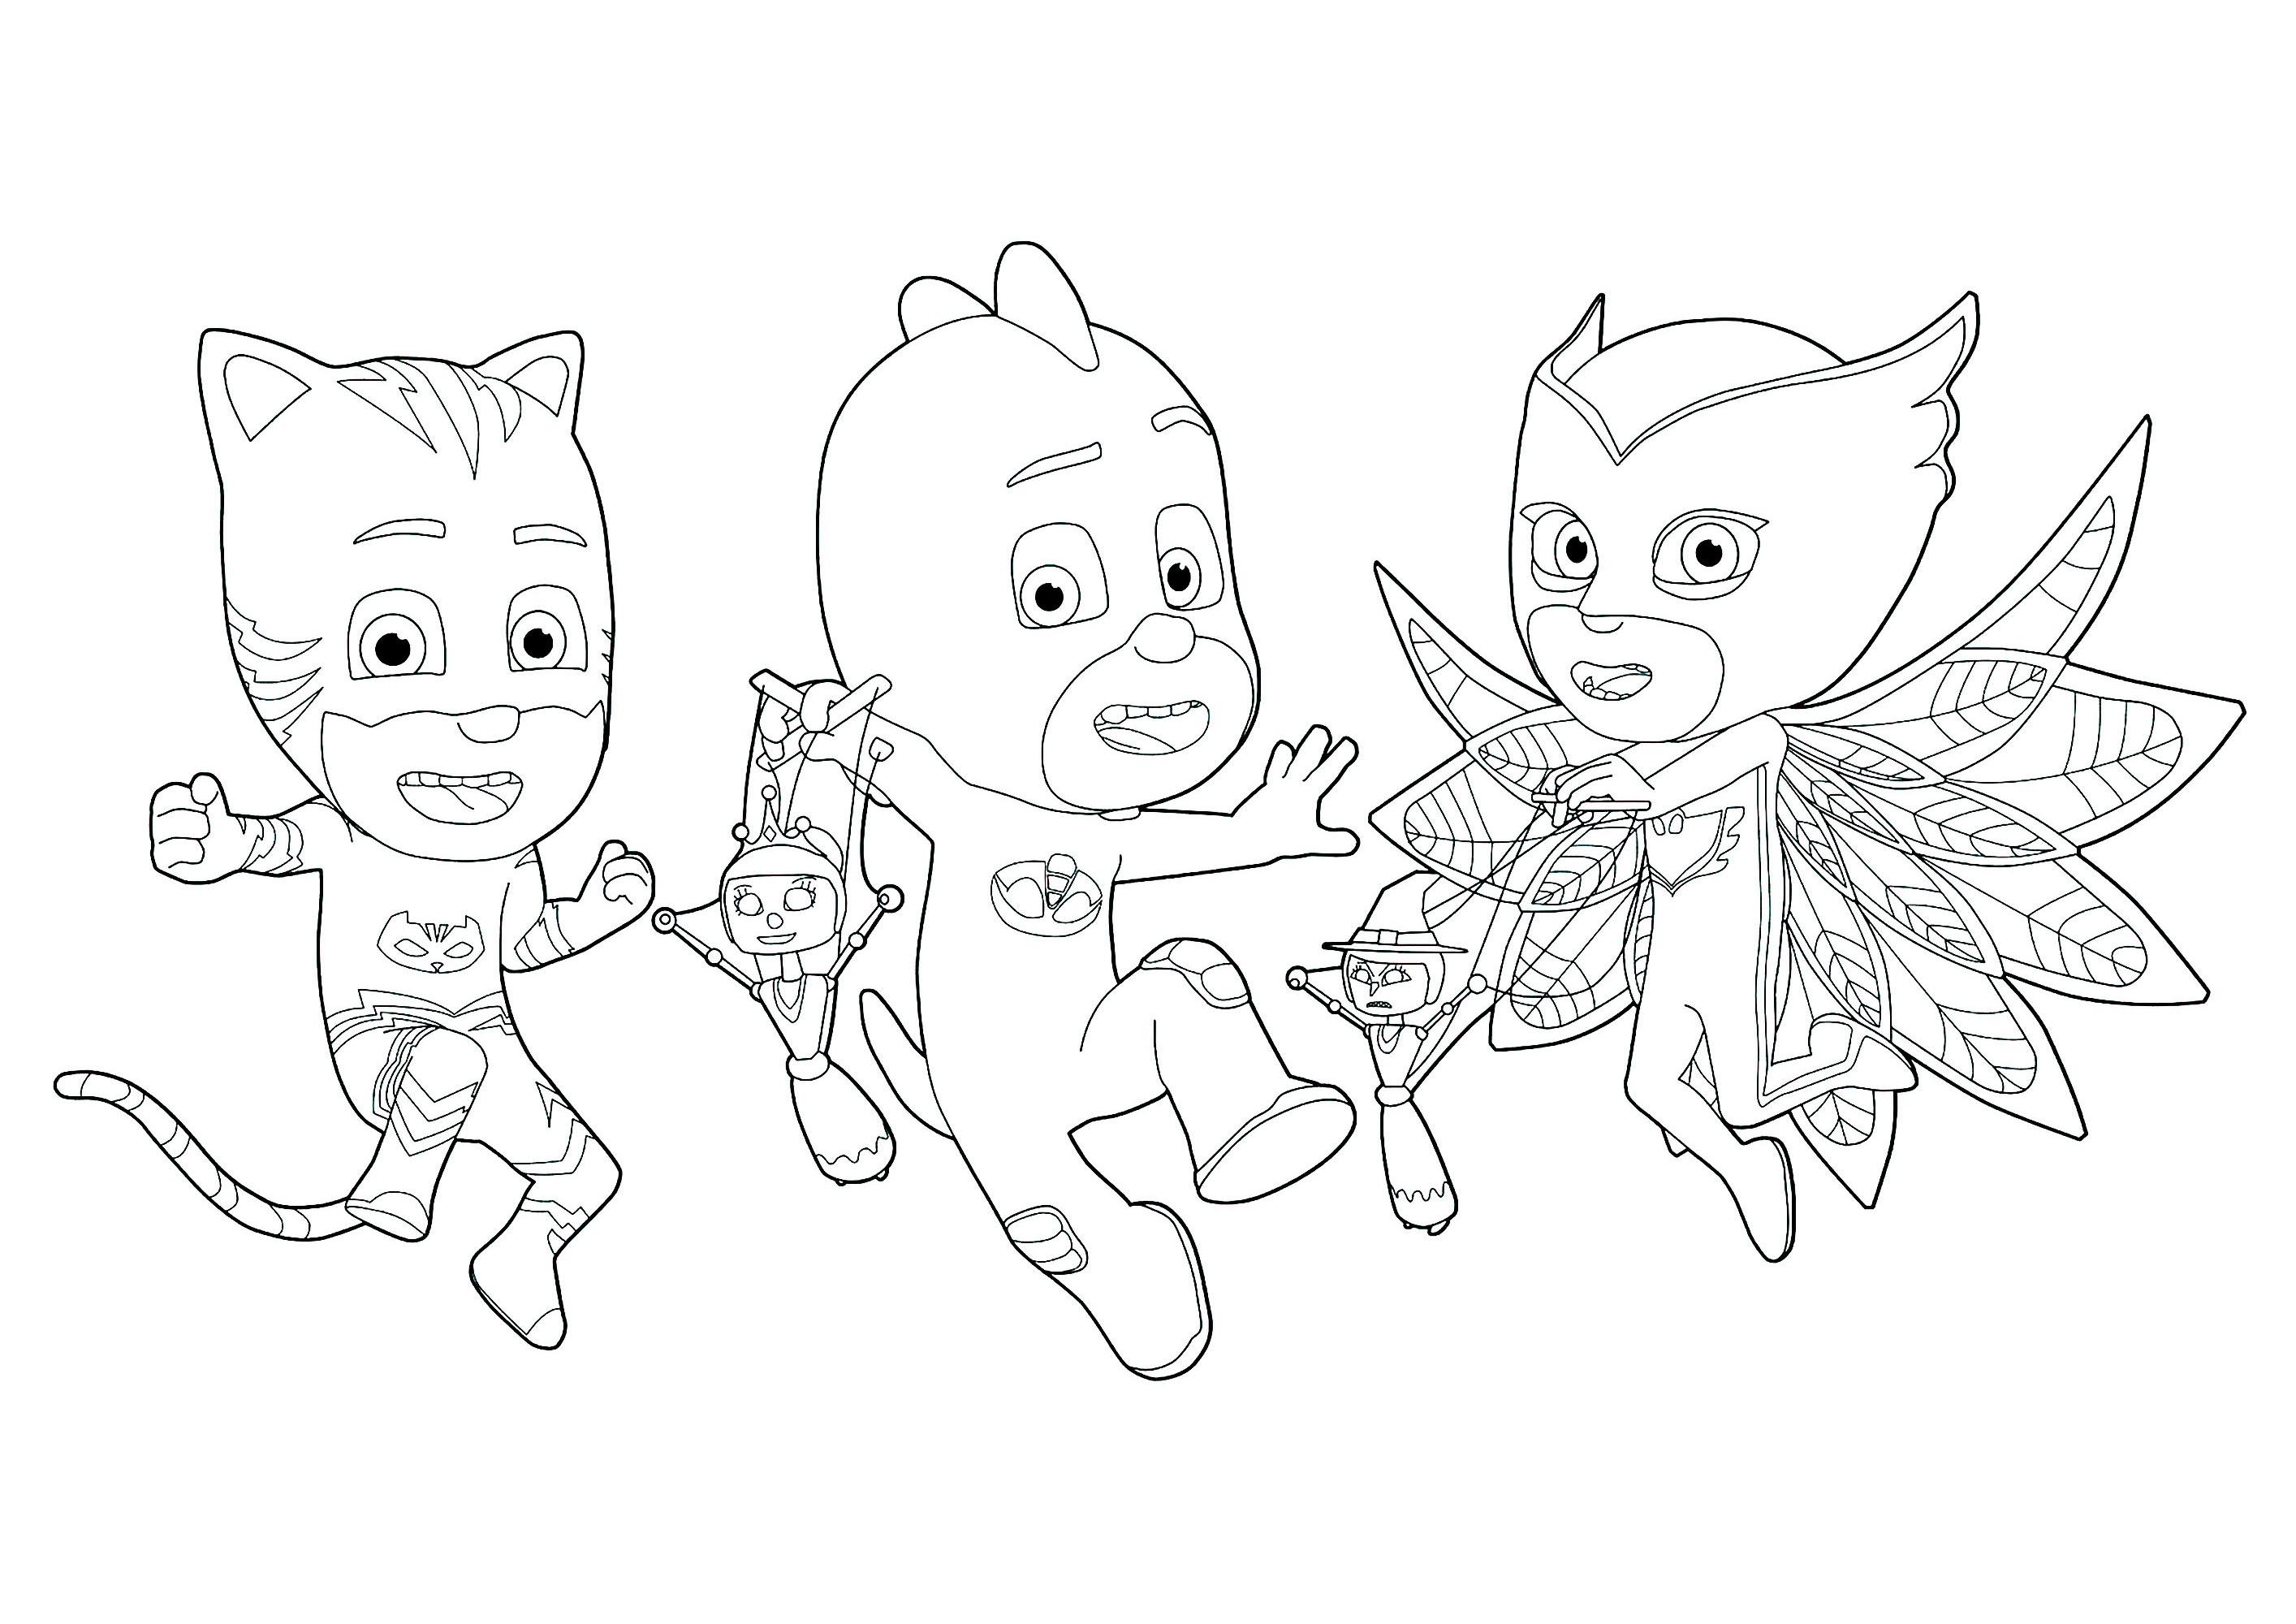 Pj masks to print - PJ Masks Kids Coloring Pages